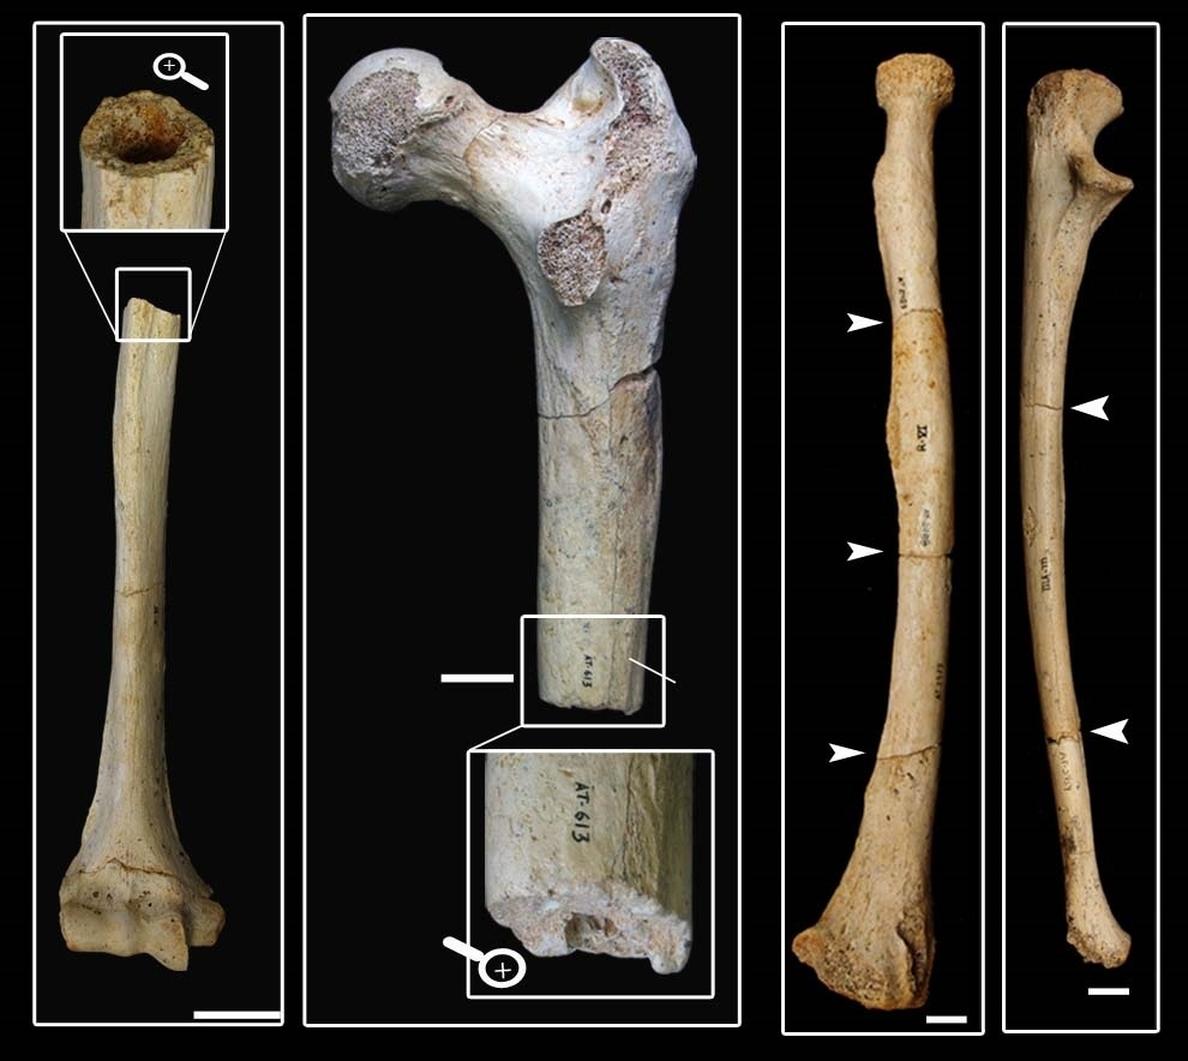 Un nuevo estudio descarta que humanos y carnívoros fracturaran los fósiles humanos de la Sima de los Huesos